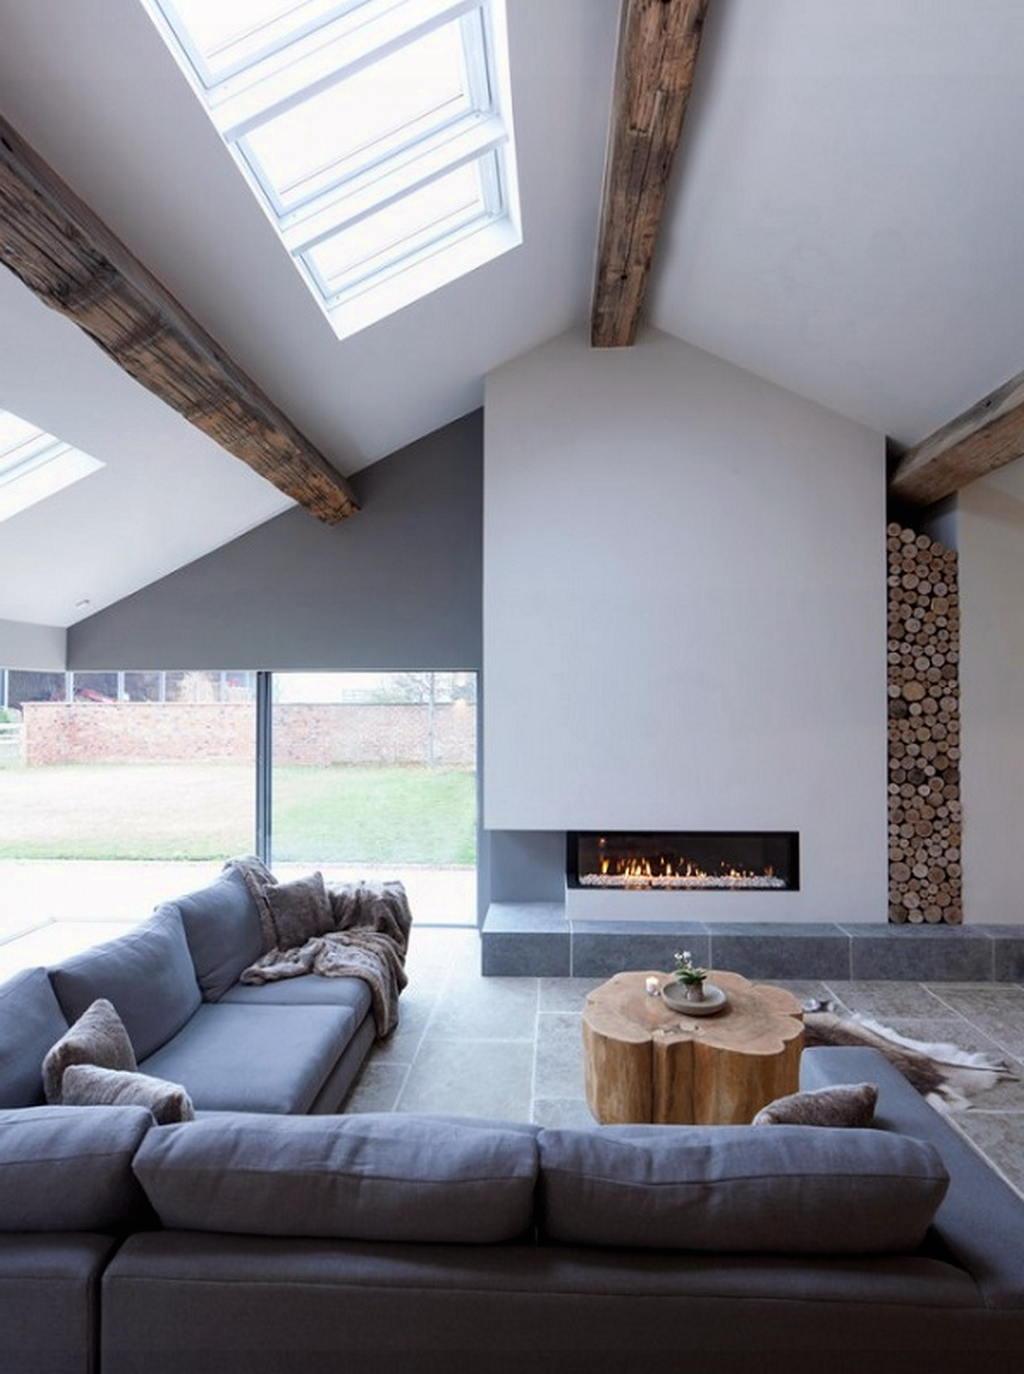 Тепло и уют — камин в интерьере квартиры и дома 15